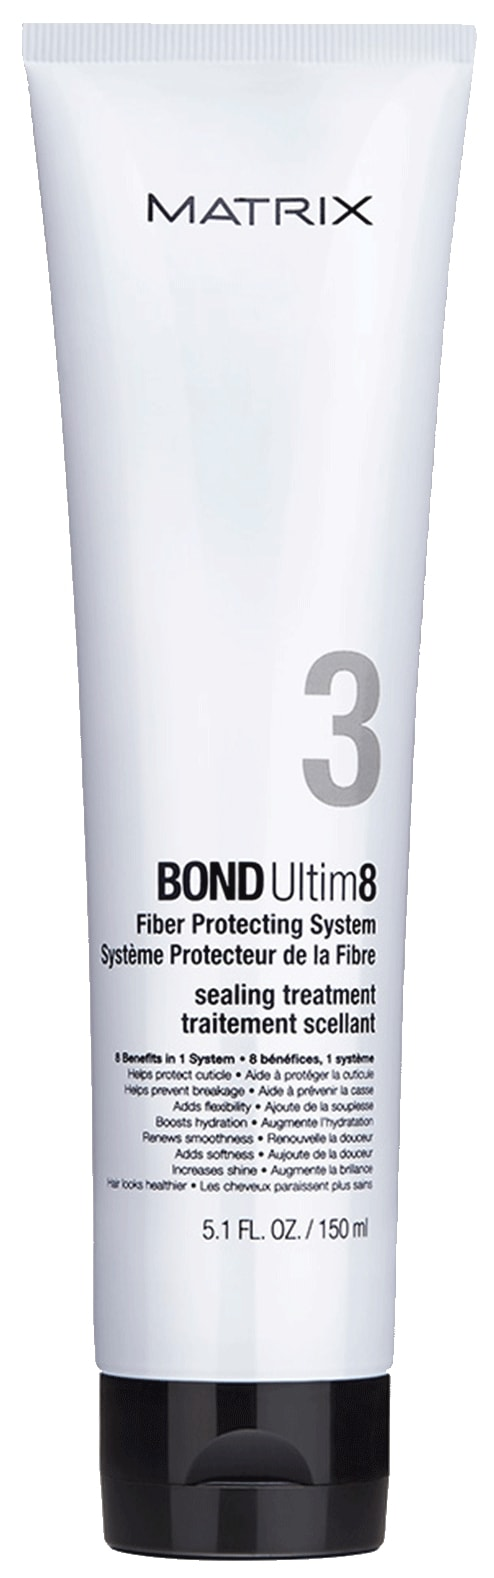 Кондиционер для волос Matrix Bond Ultim8 Protecting System домашний уход 150 мл